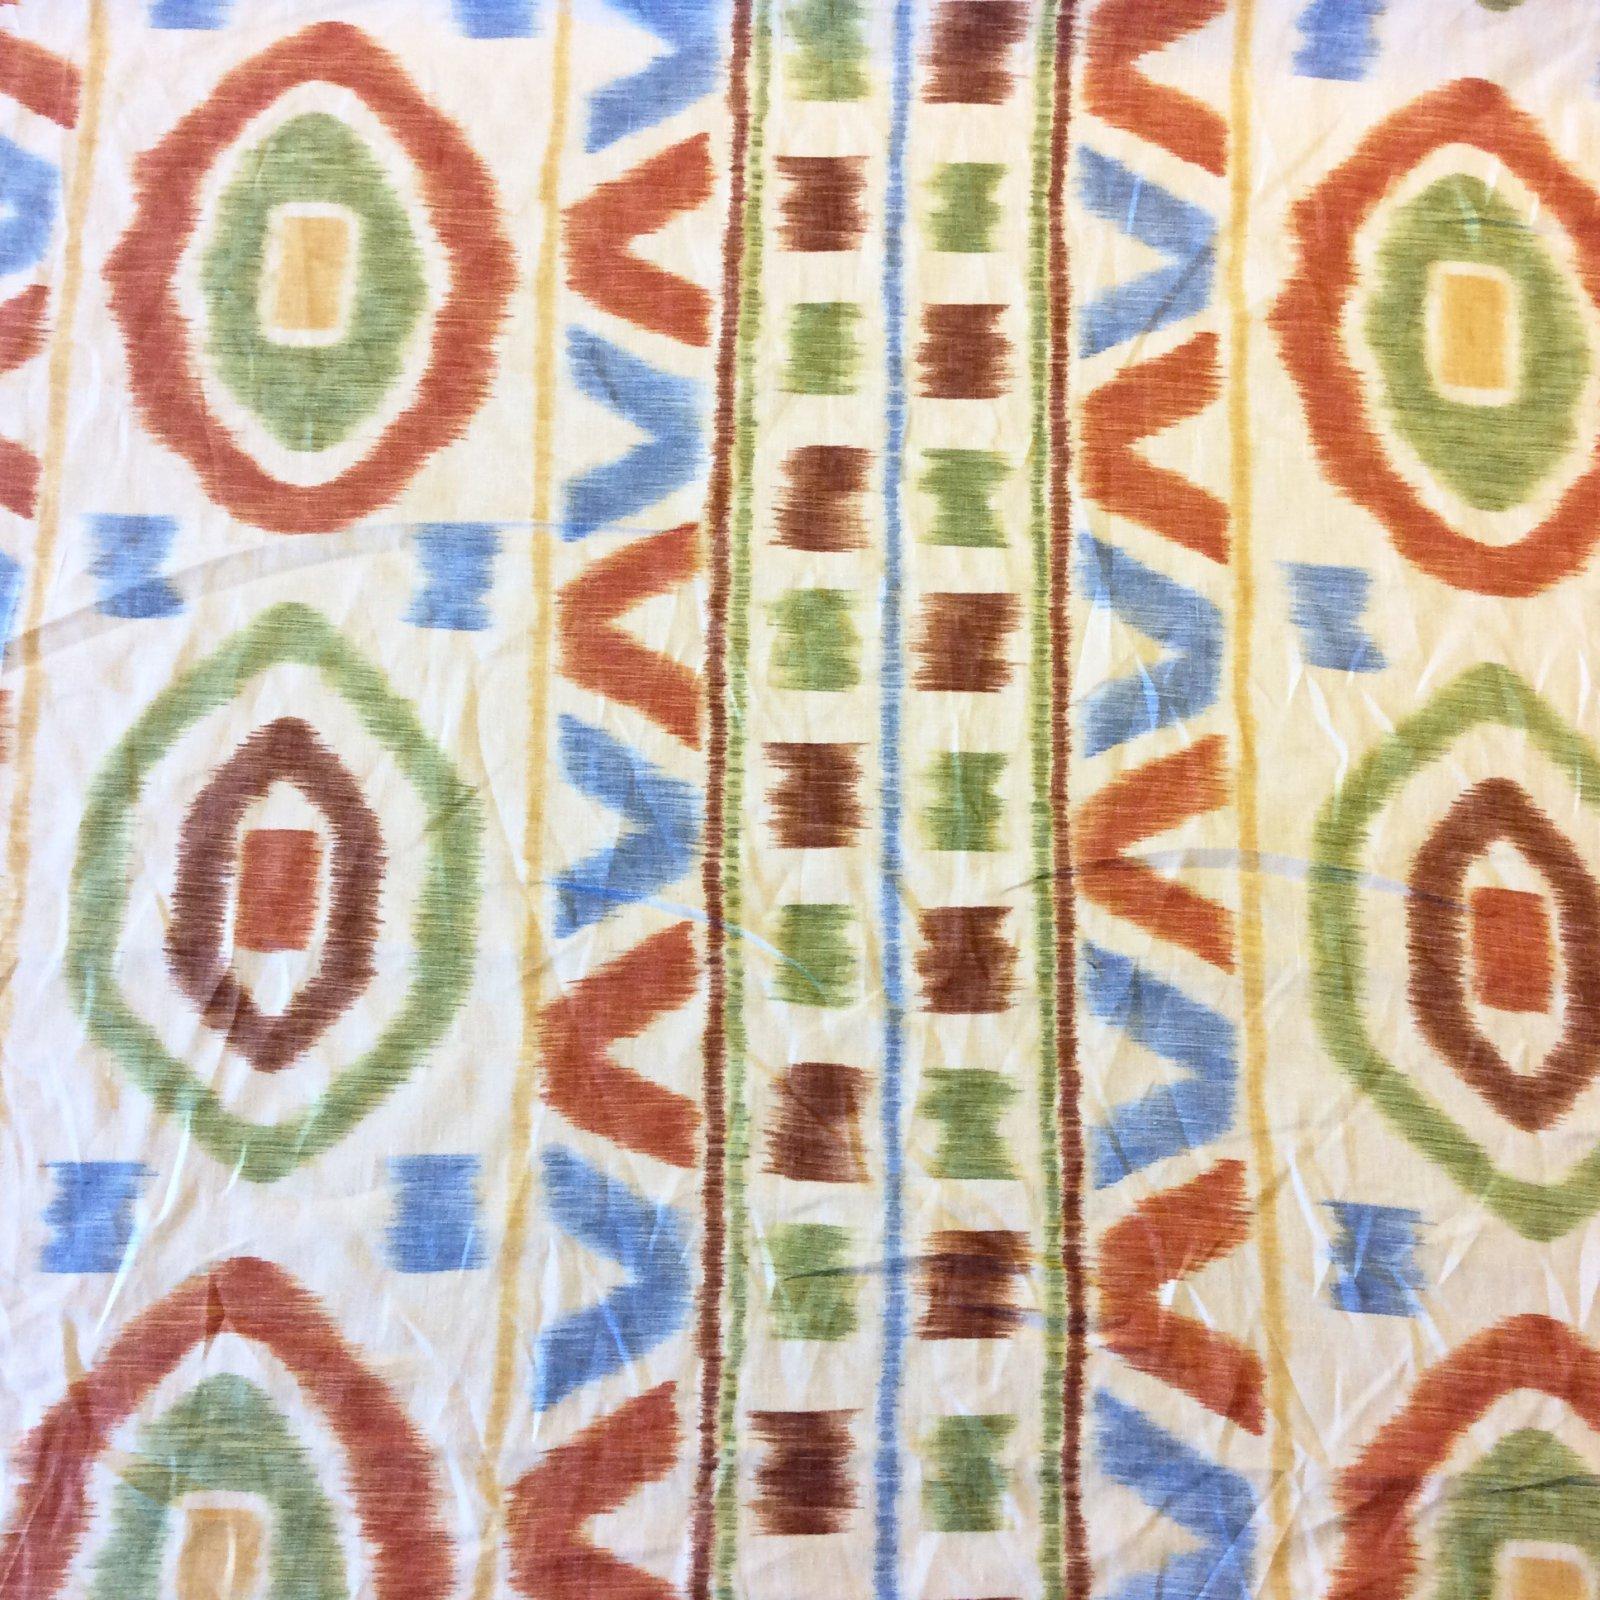 NL216 Thom Felicia Kravet Tribal Ikat Drapery Linen Upholstery Home Decor Fabric